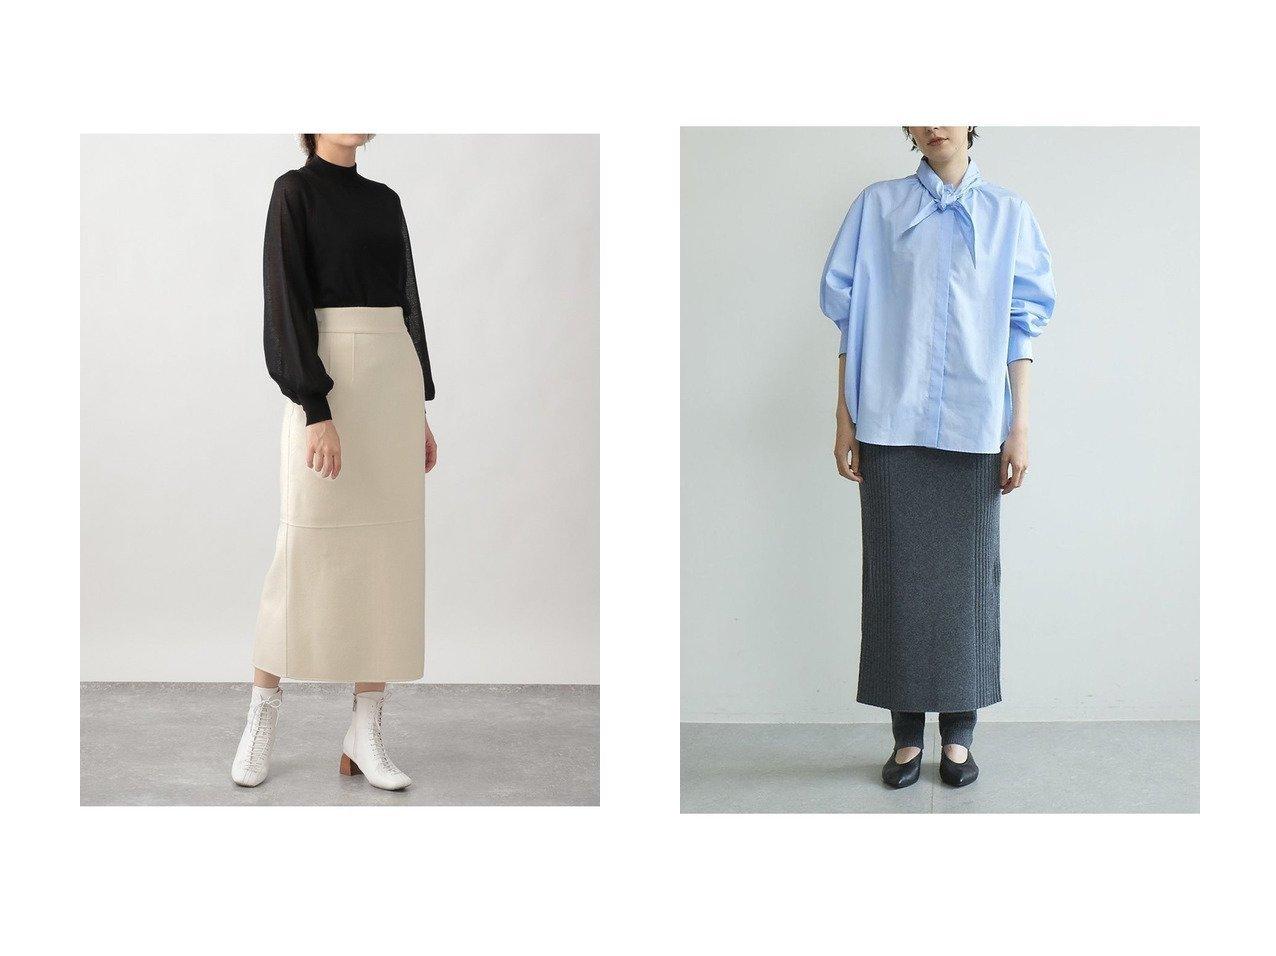 【GALLARDAGALANTE/ガリャルダガランテ】のリブニットスカート&【Ezick/エジック】のリバーメルトンタイトスカート 【スカート】おすすめ!人気、トレンド・レディースファッションの通販 おすすめで人気の流行・トレンド、ファッションの通販商品 インテリア・家具・メンズファッション・キッズファッション・レディースファッション・服の通販 founy(ファニー) https://founy.com/ ファッション Fashion レディースファッション WOMEN スカート Skirt ロングスカート Long Skirt 2020年 2020 2020-2021秋冬・A/W AW・Autumn/Winter・FW・Fall-Winter/2020-2021 2021年 2021 2021-2022秋冬・A/W AW・Autumn/Winter・FW・Fall-Winter・2021-2022 A/W・秋冬 AW・Autumn/Winter・FW・Fall-Winter おすすめ Recommend シンプル セットアップ タイトスカート ミドル メルトン ロング |ID:crp329100000067679